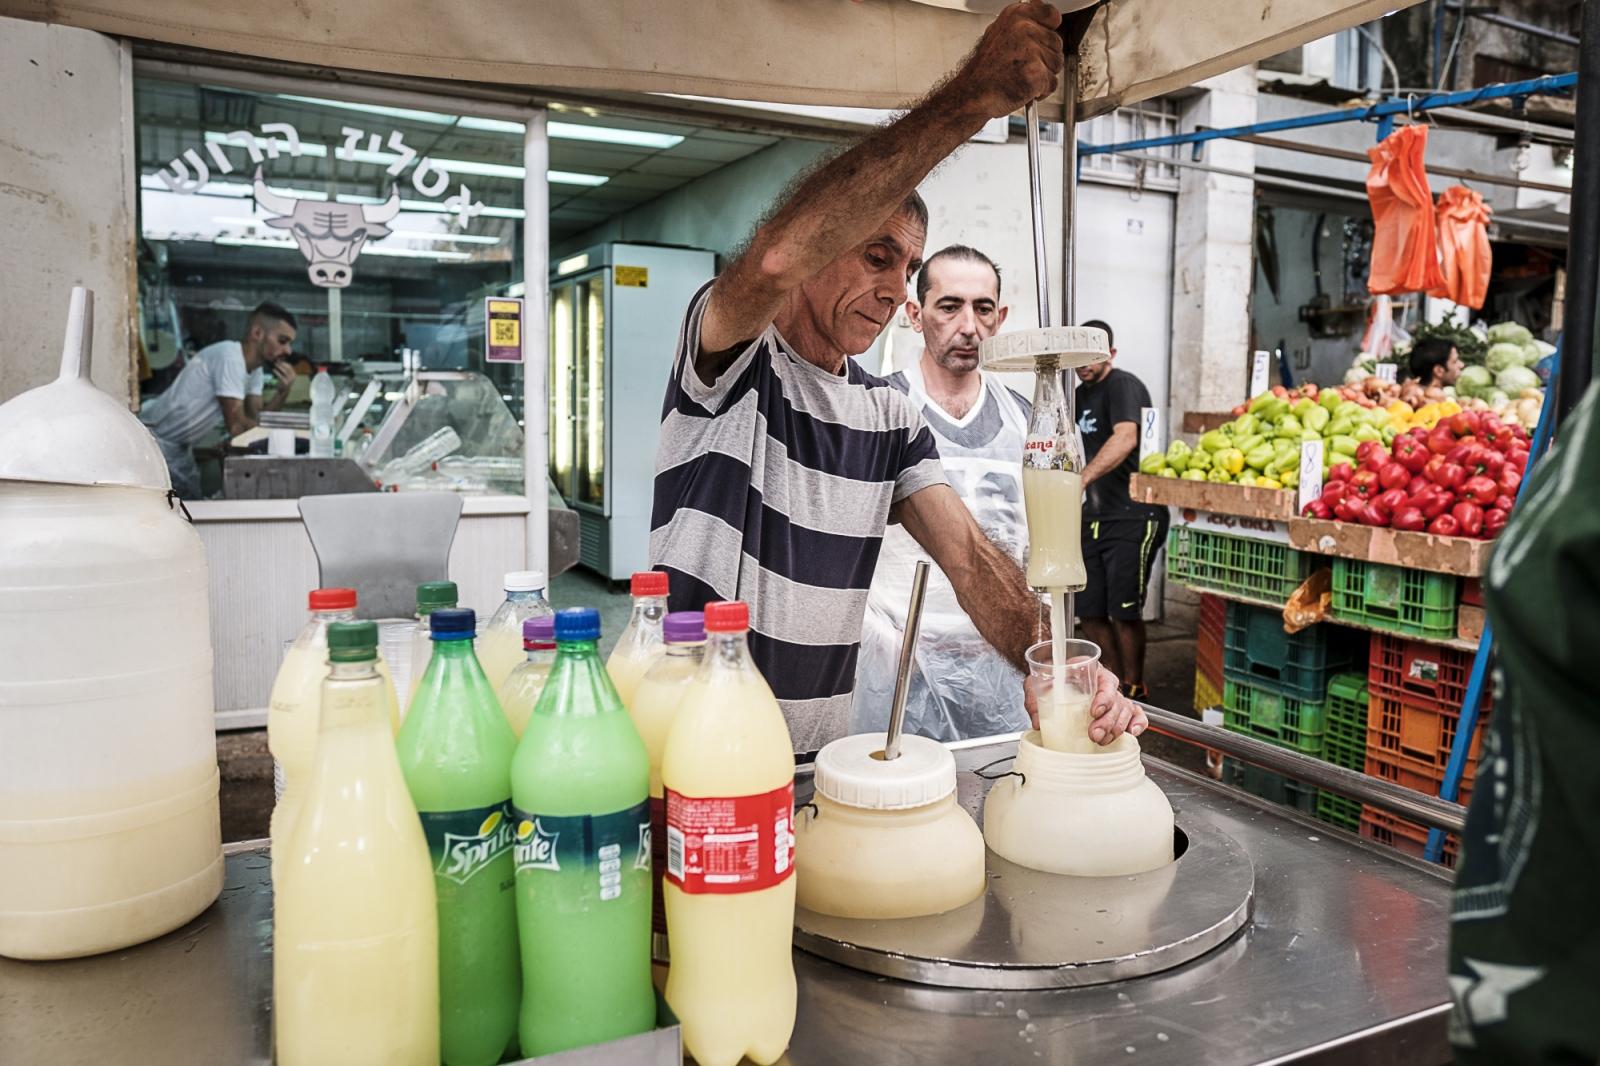 Ramla  רַמְלָה   الرملة  Fresh lemonade at the Limonero's booth, Ramla Market (shuk/al-sooq)